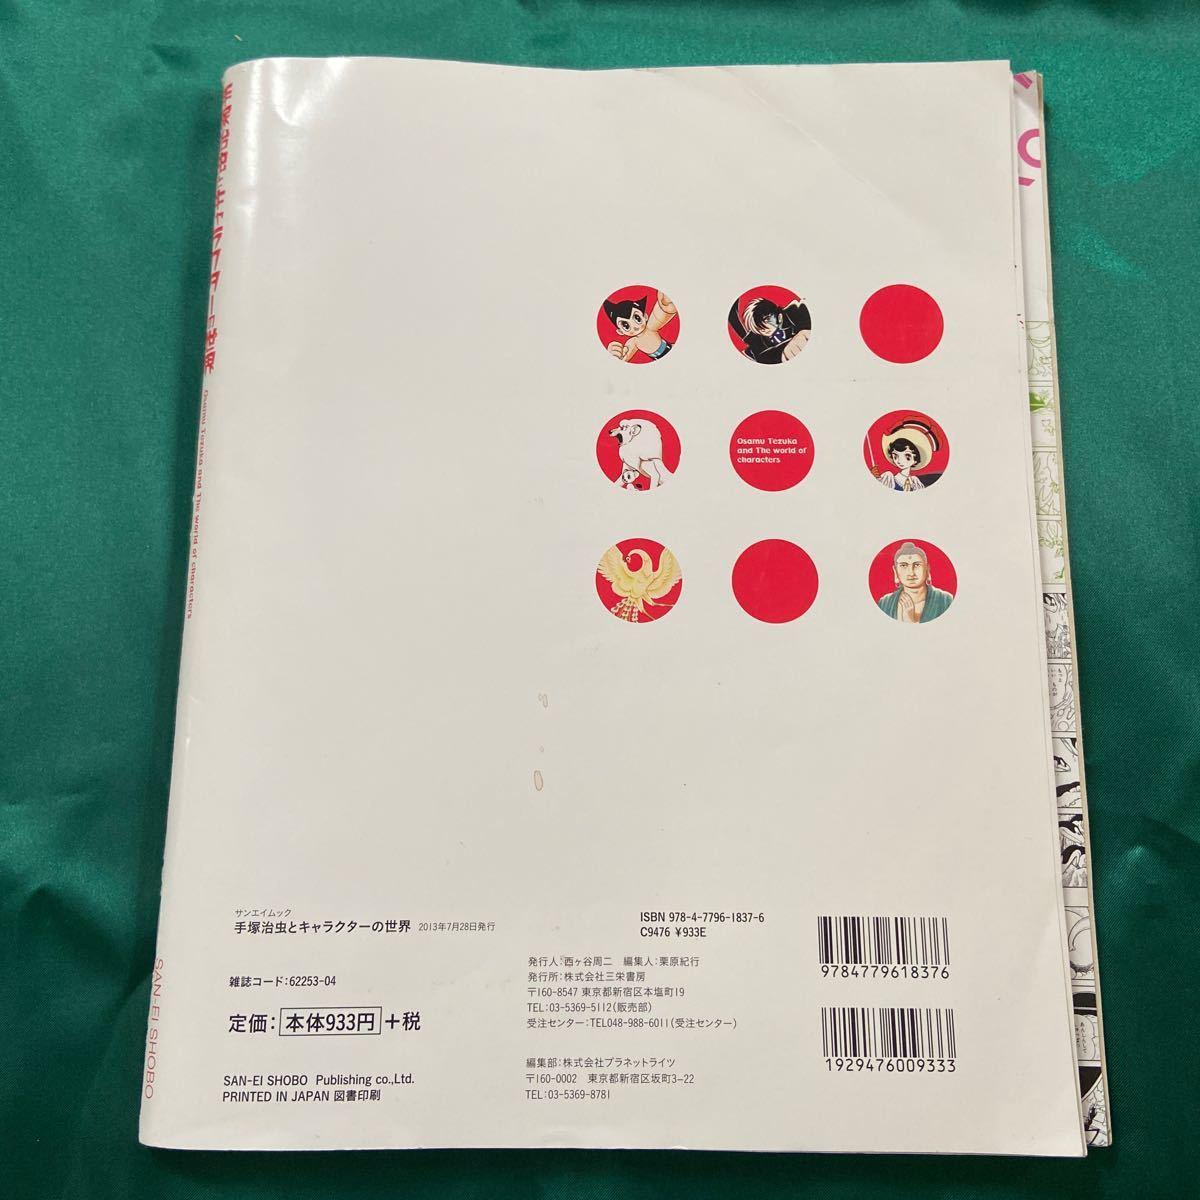 書籍 手塚治虫とキャラクターの世界 手塚プロダクション監修